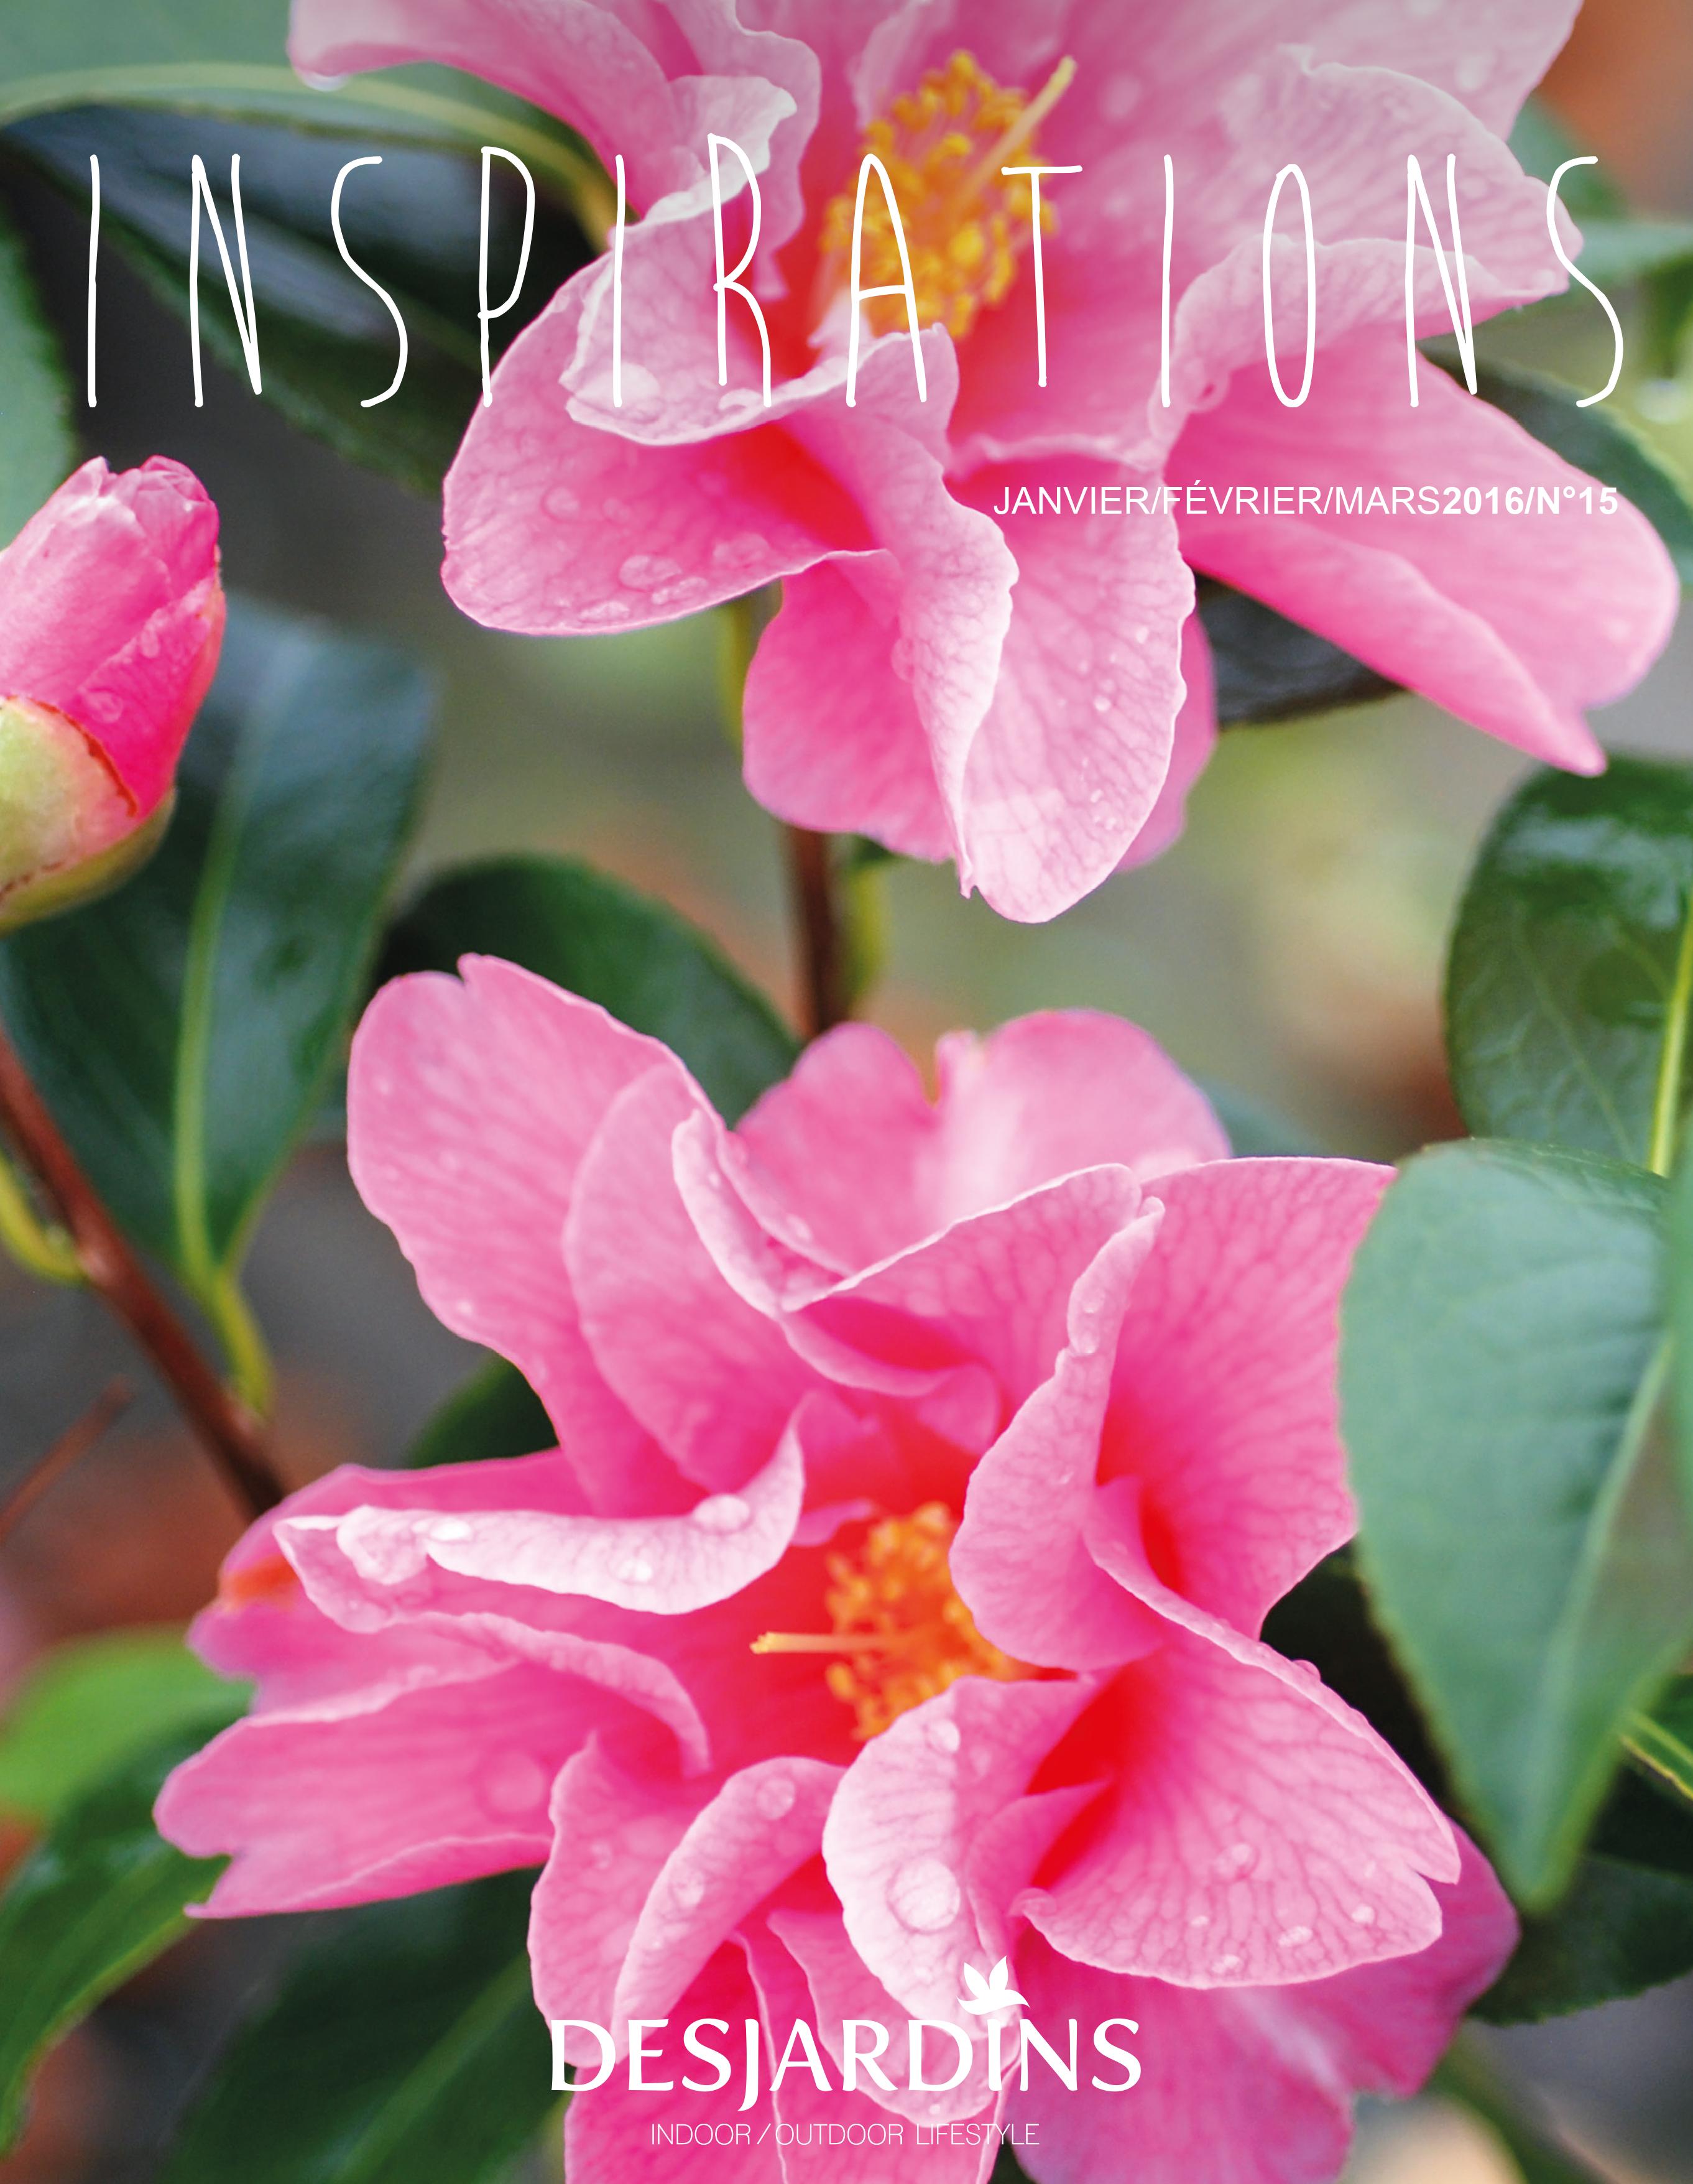 001_Desjardins-Inspirations_n15